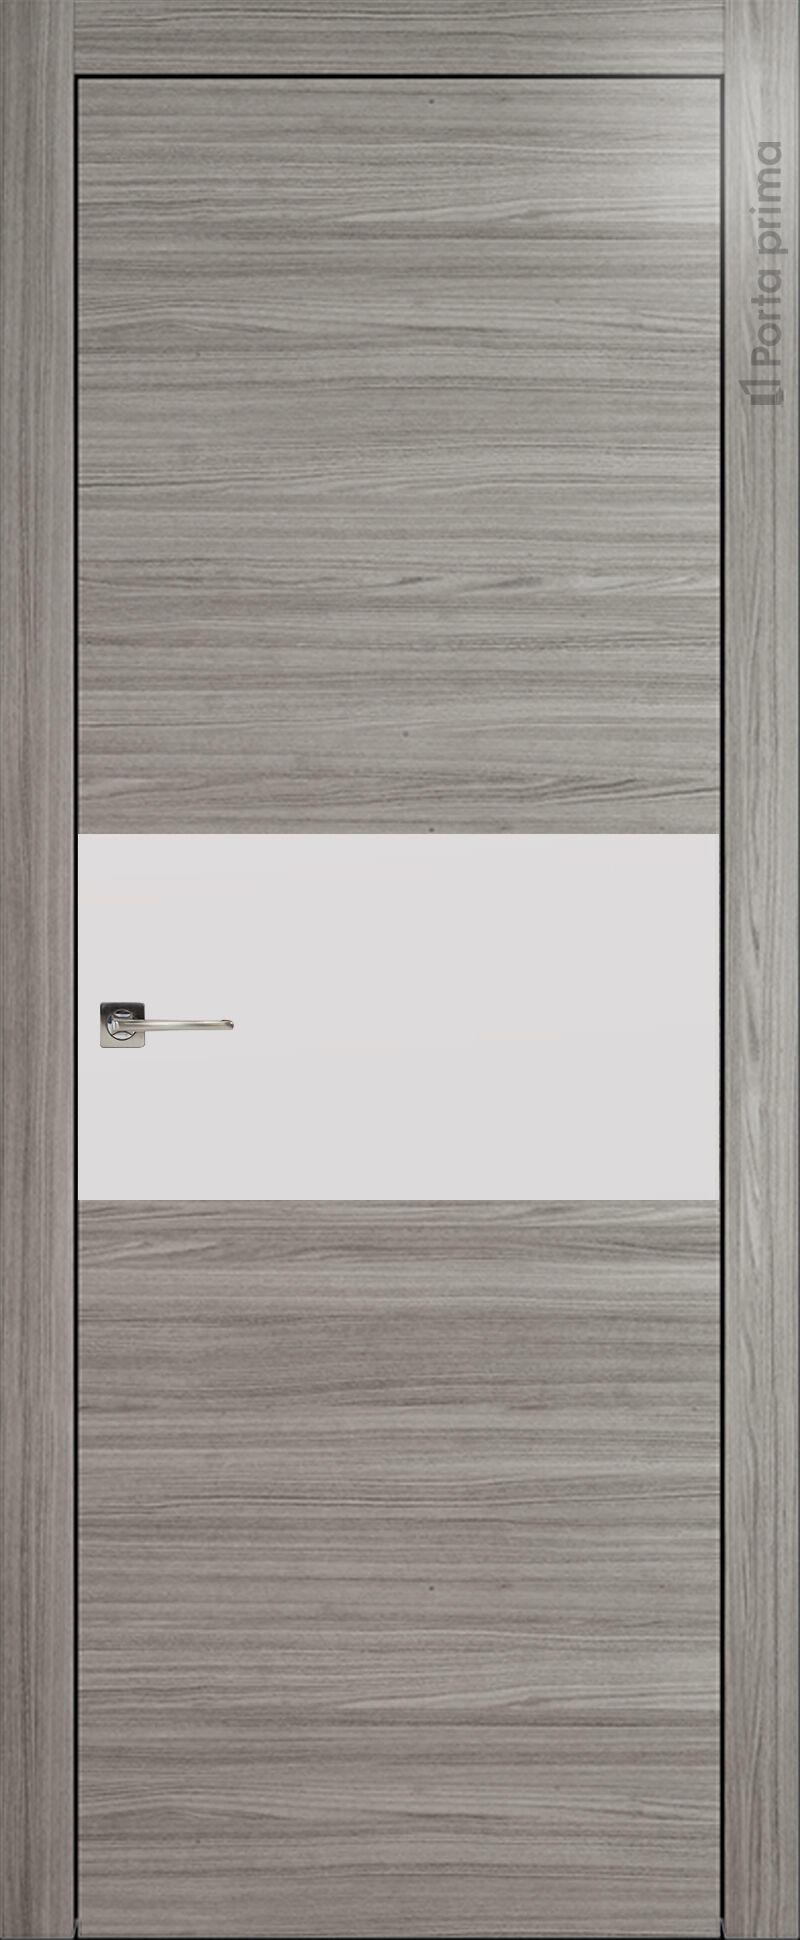 Tivoli Е-4 цвет - Орех пепельный Без стекла (ДГ)